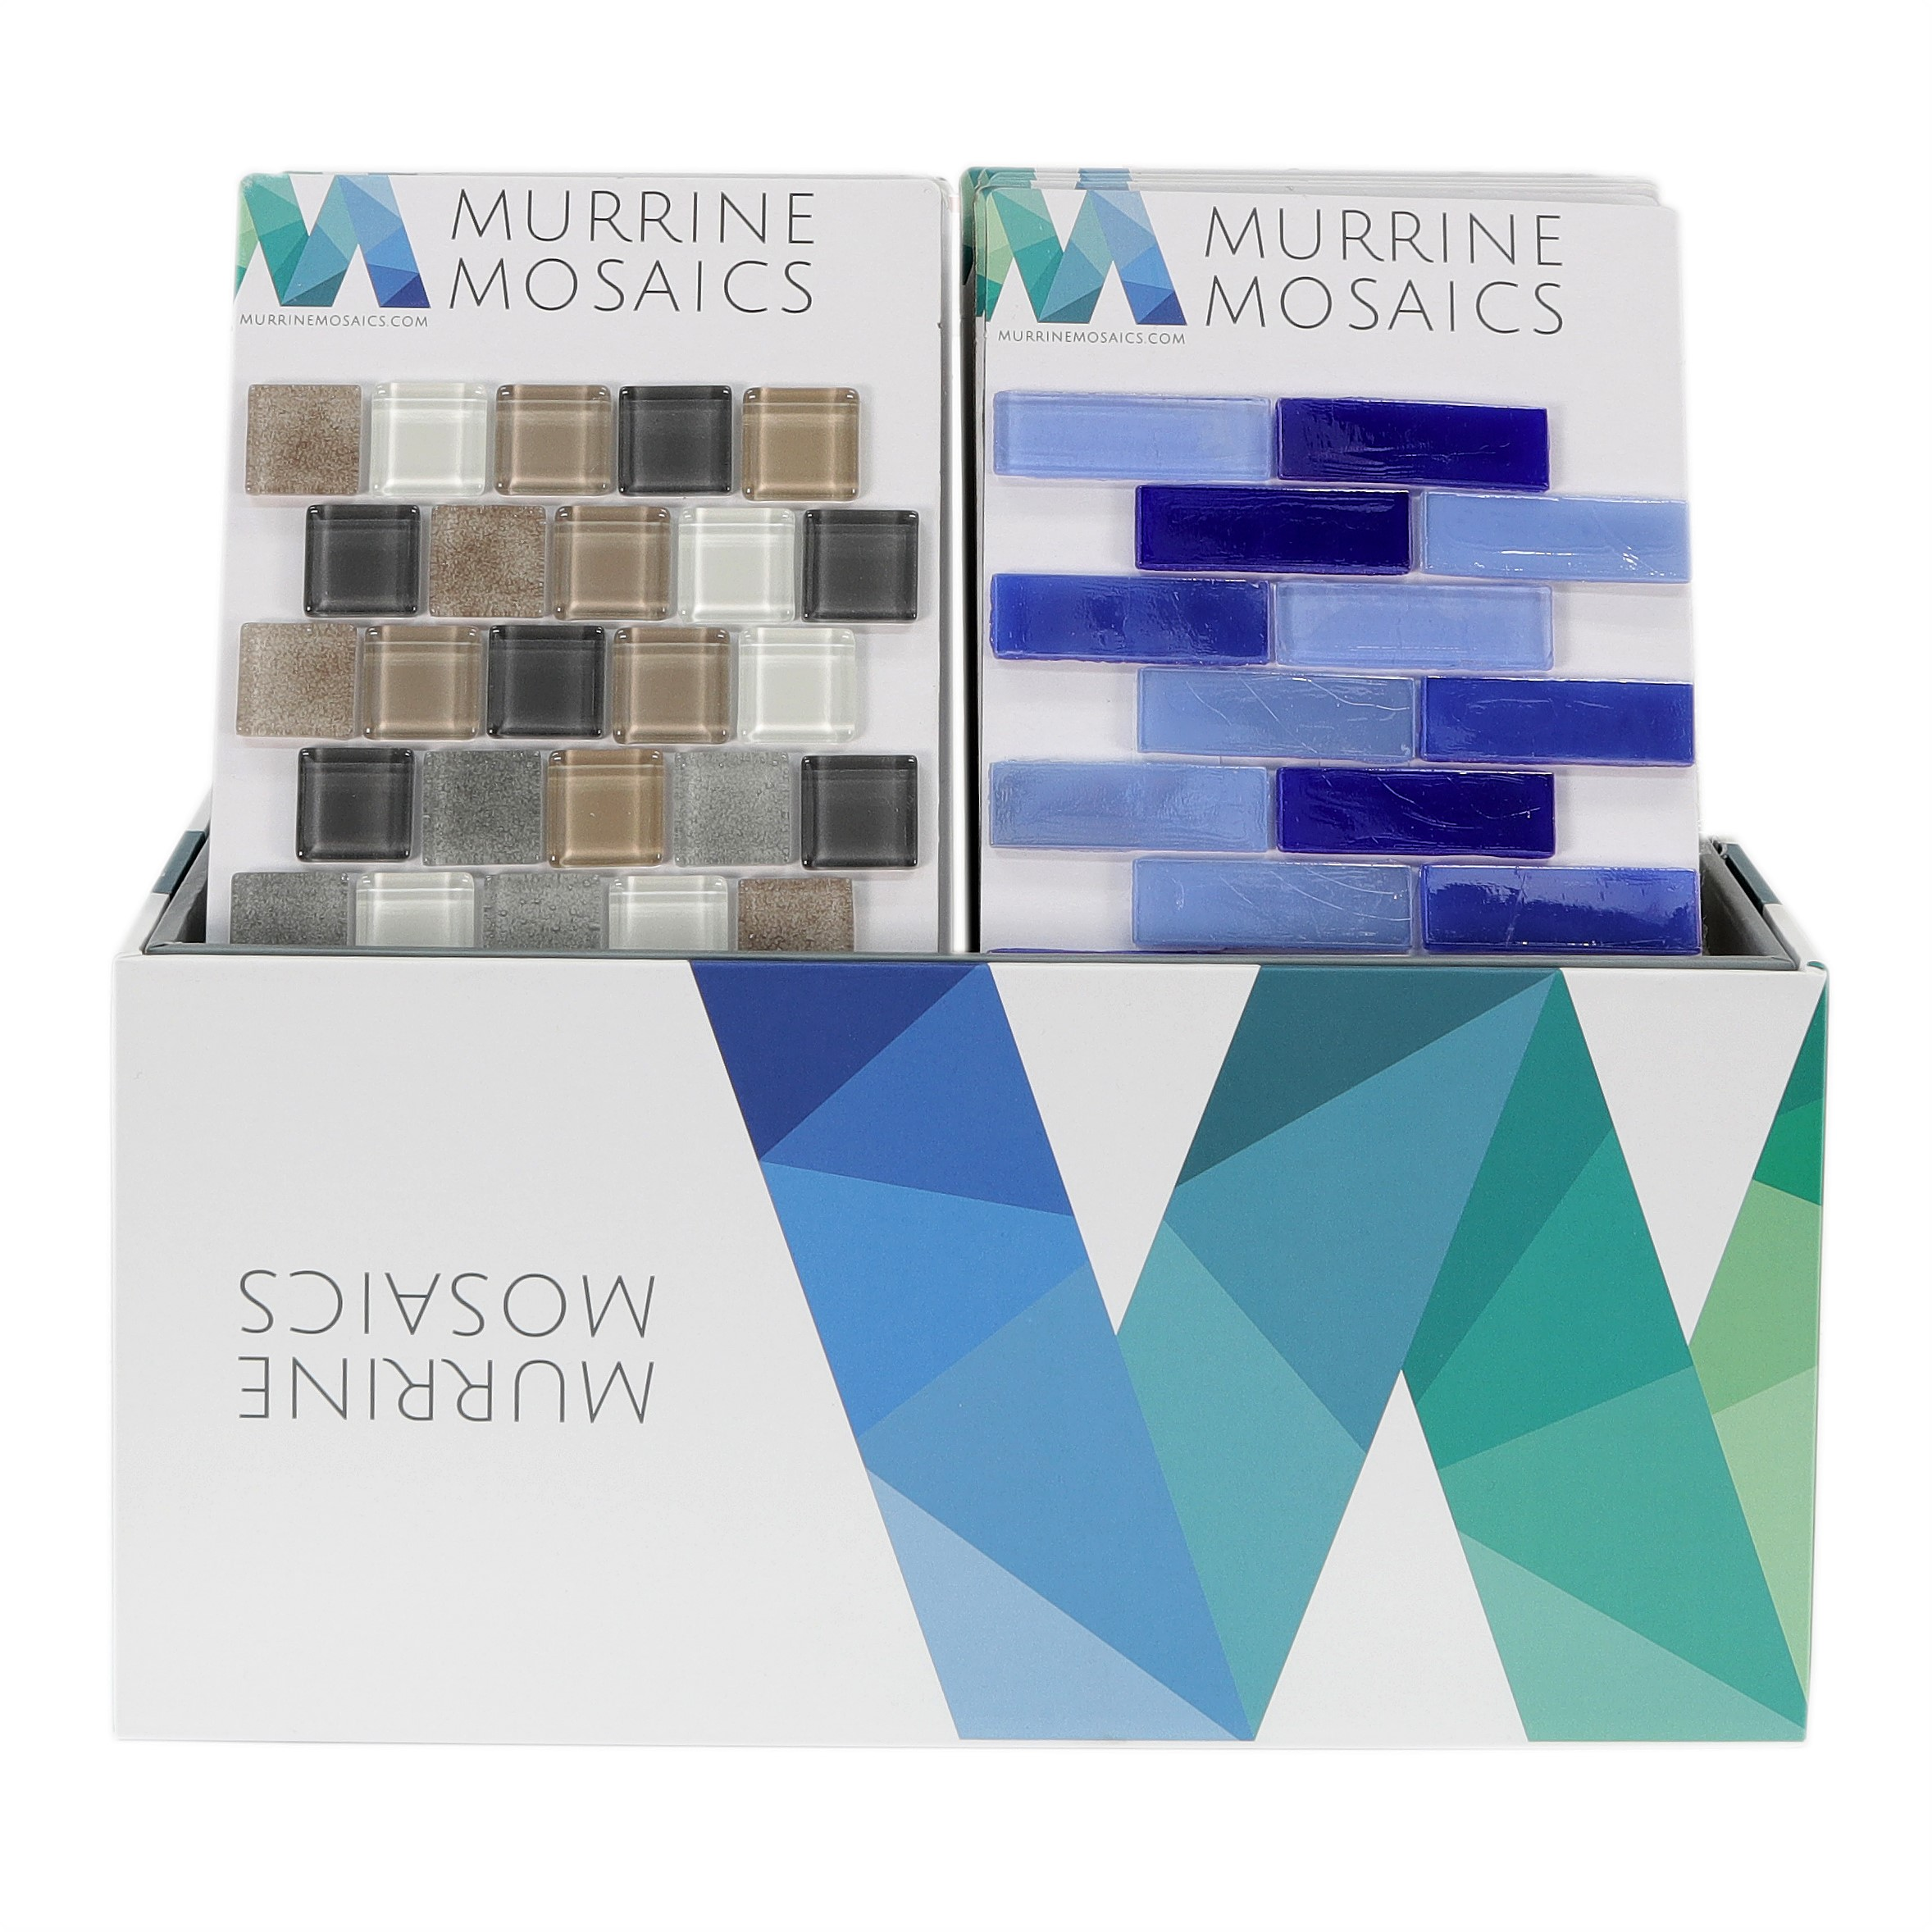 Murrine Mosaic Swatch Box_01.jpg